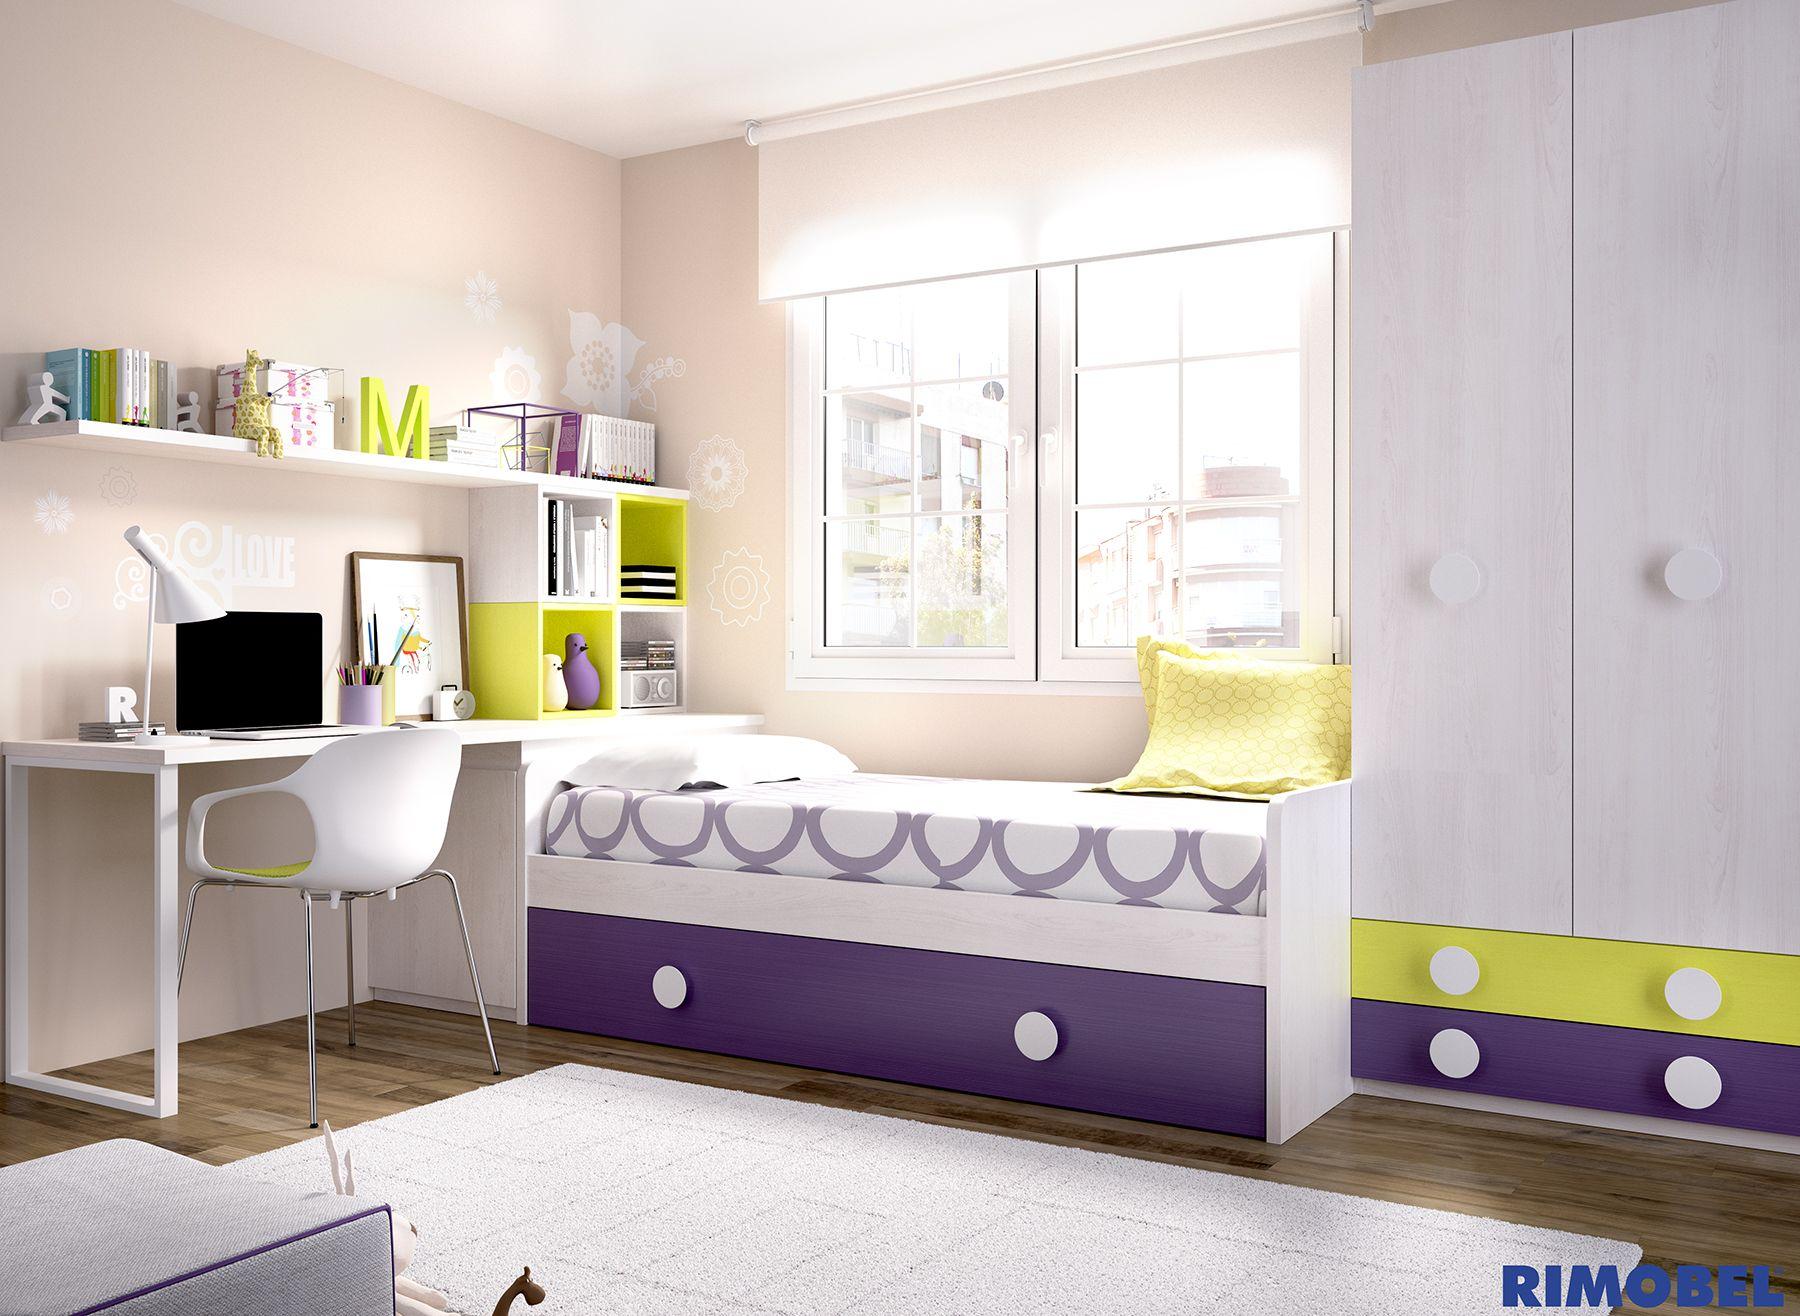 H 250 habitaci n juvenil con un arc n juguetero cama nido for Cama nido con arcon